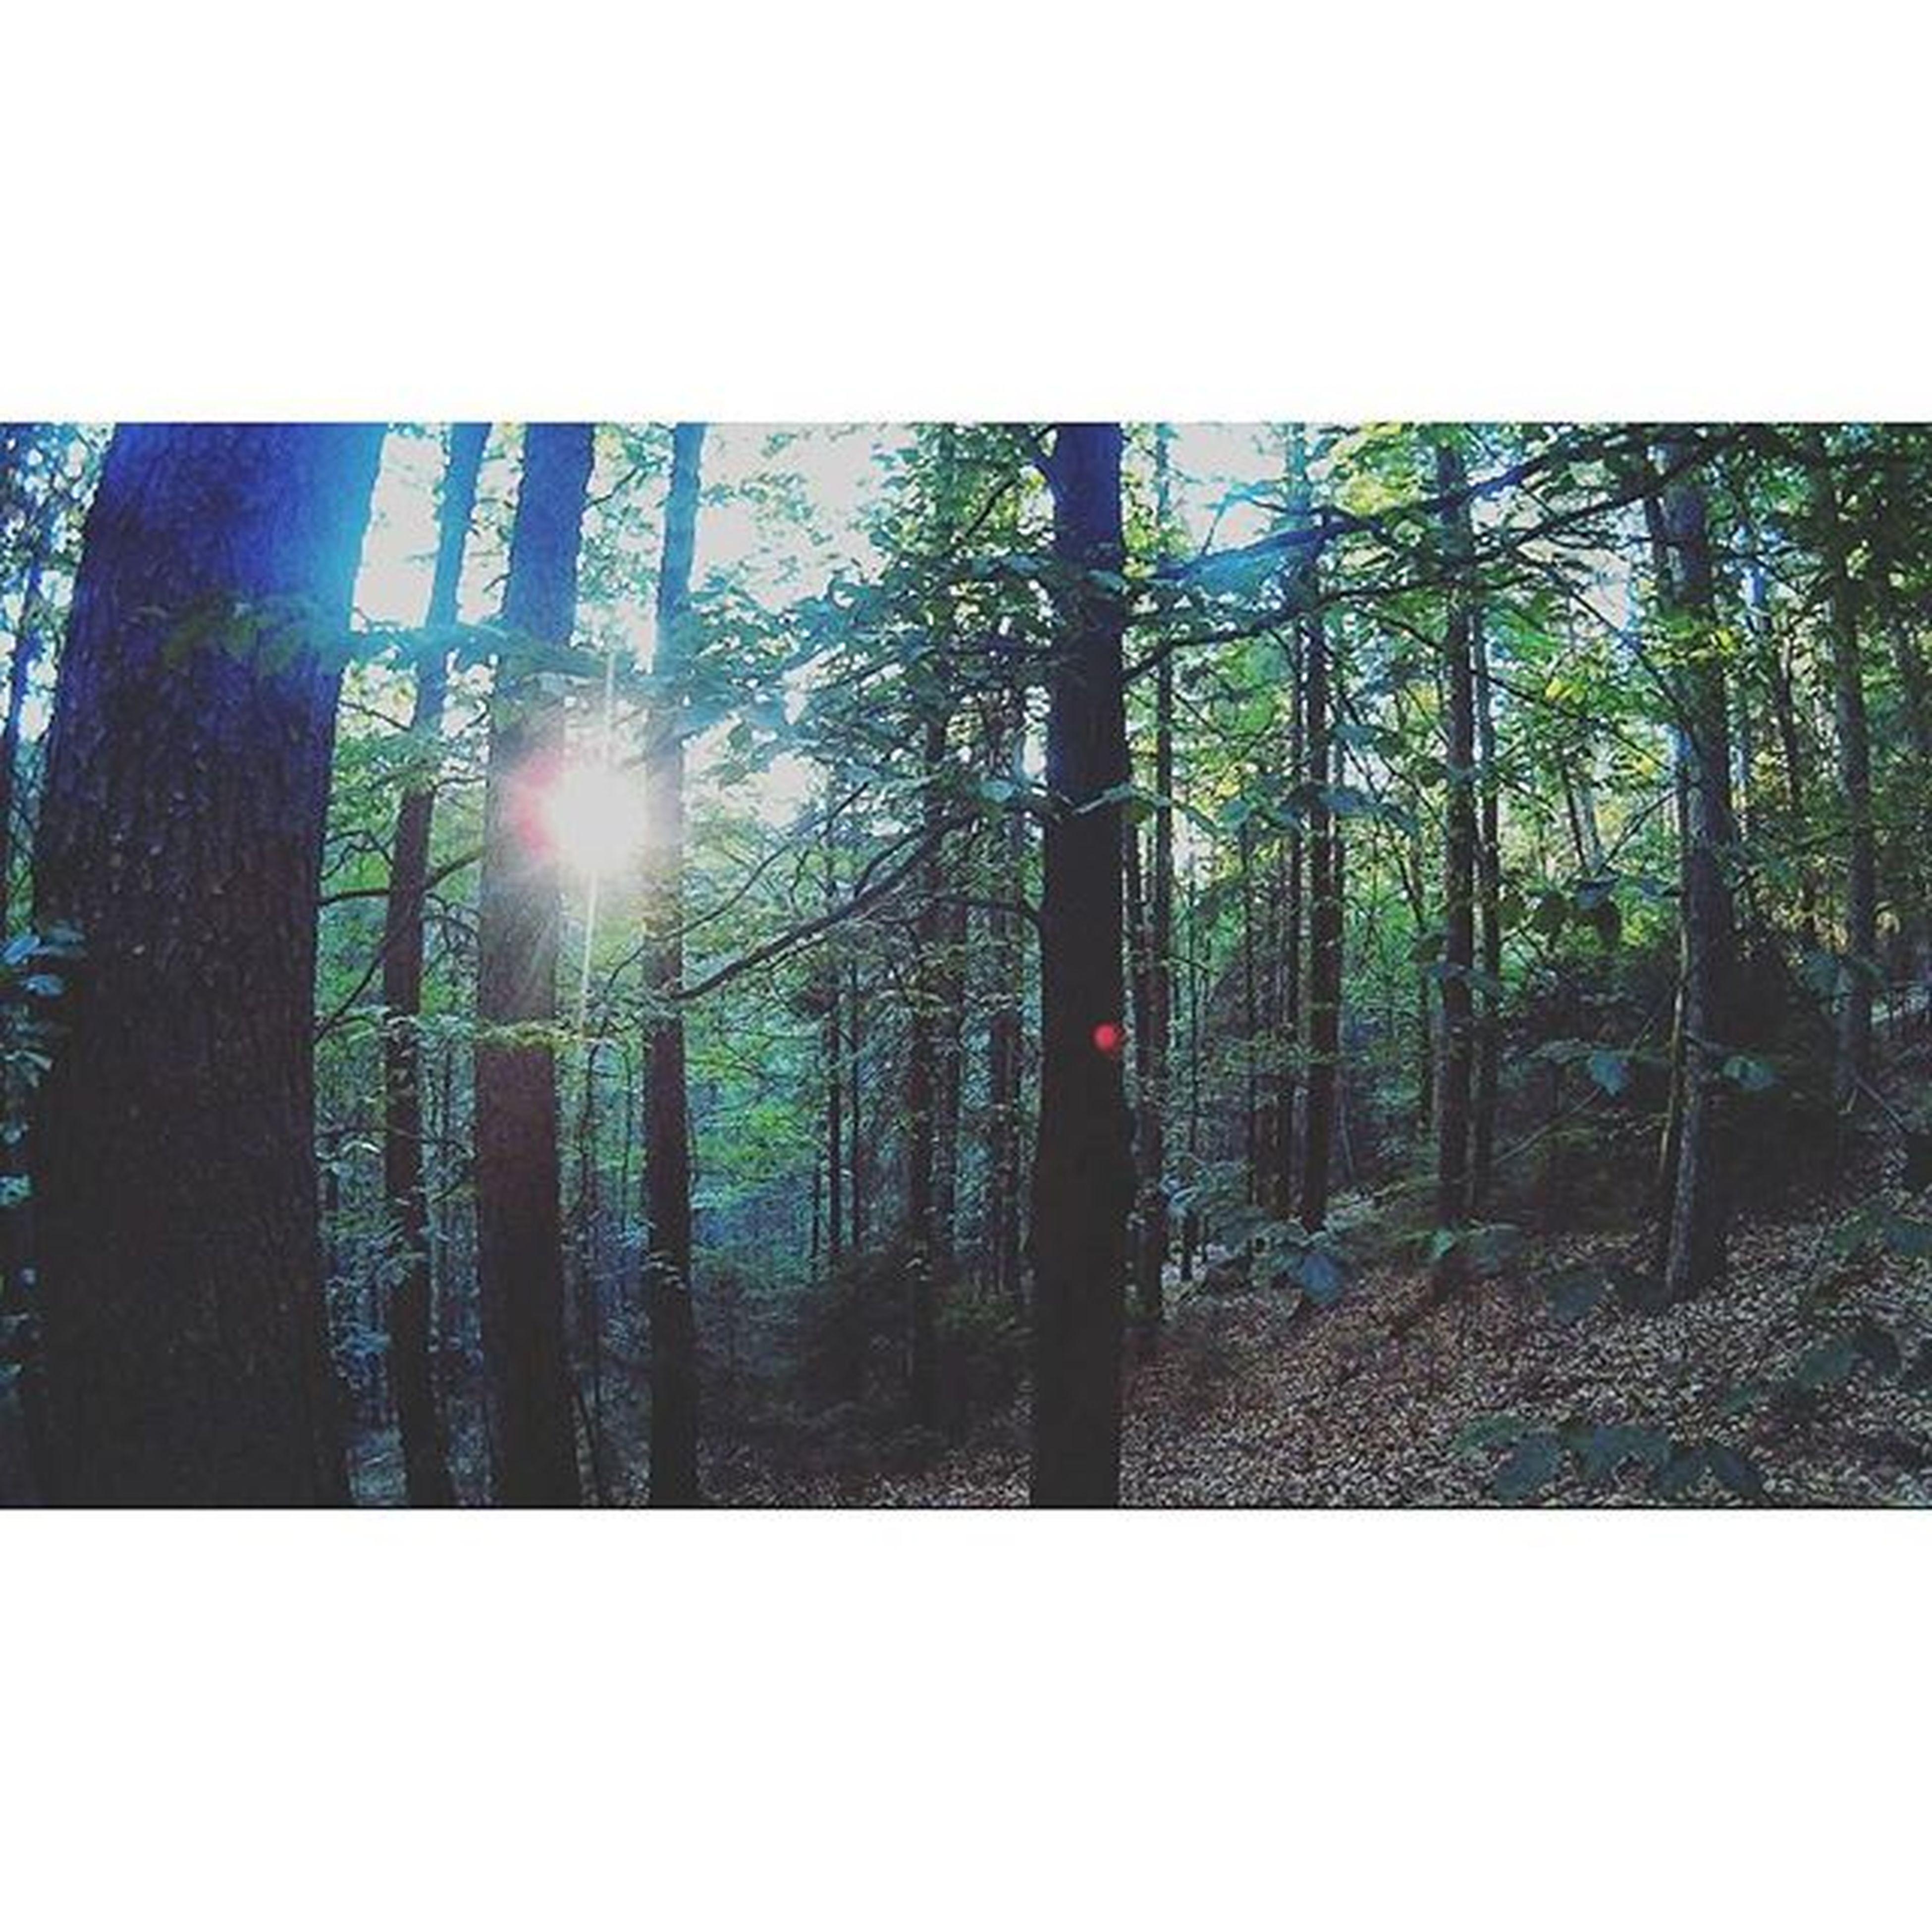 Was für ein Farbspiel...📷mit aktioncam geschossen 🔫. Qumoxsj4000 Imwald Nachmcamp Bäume Fisheilook Krummerbaum😂😂